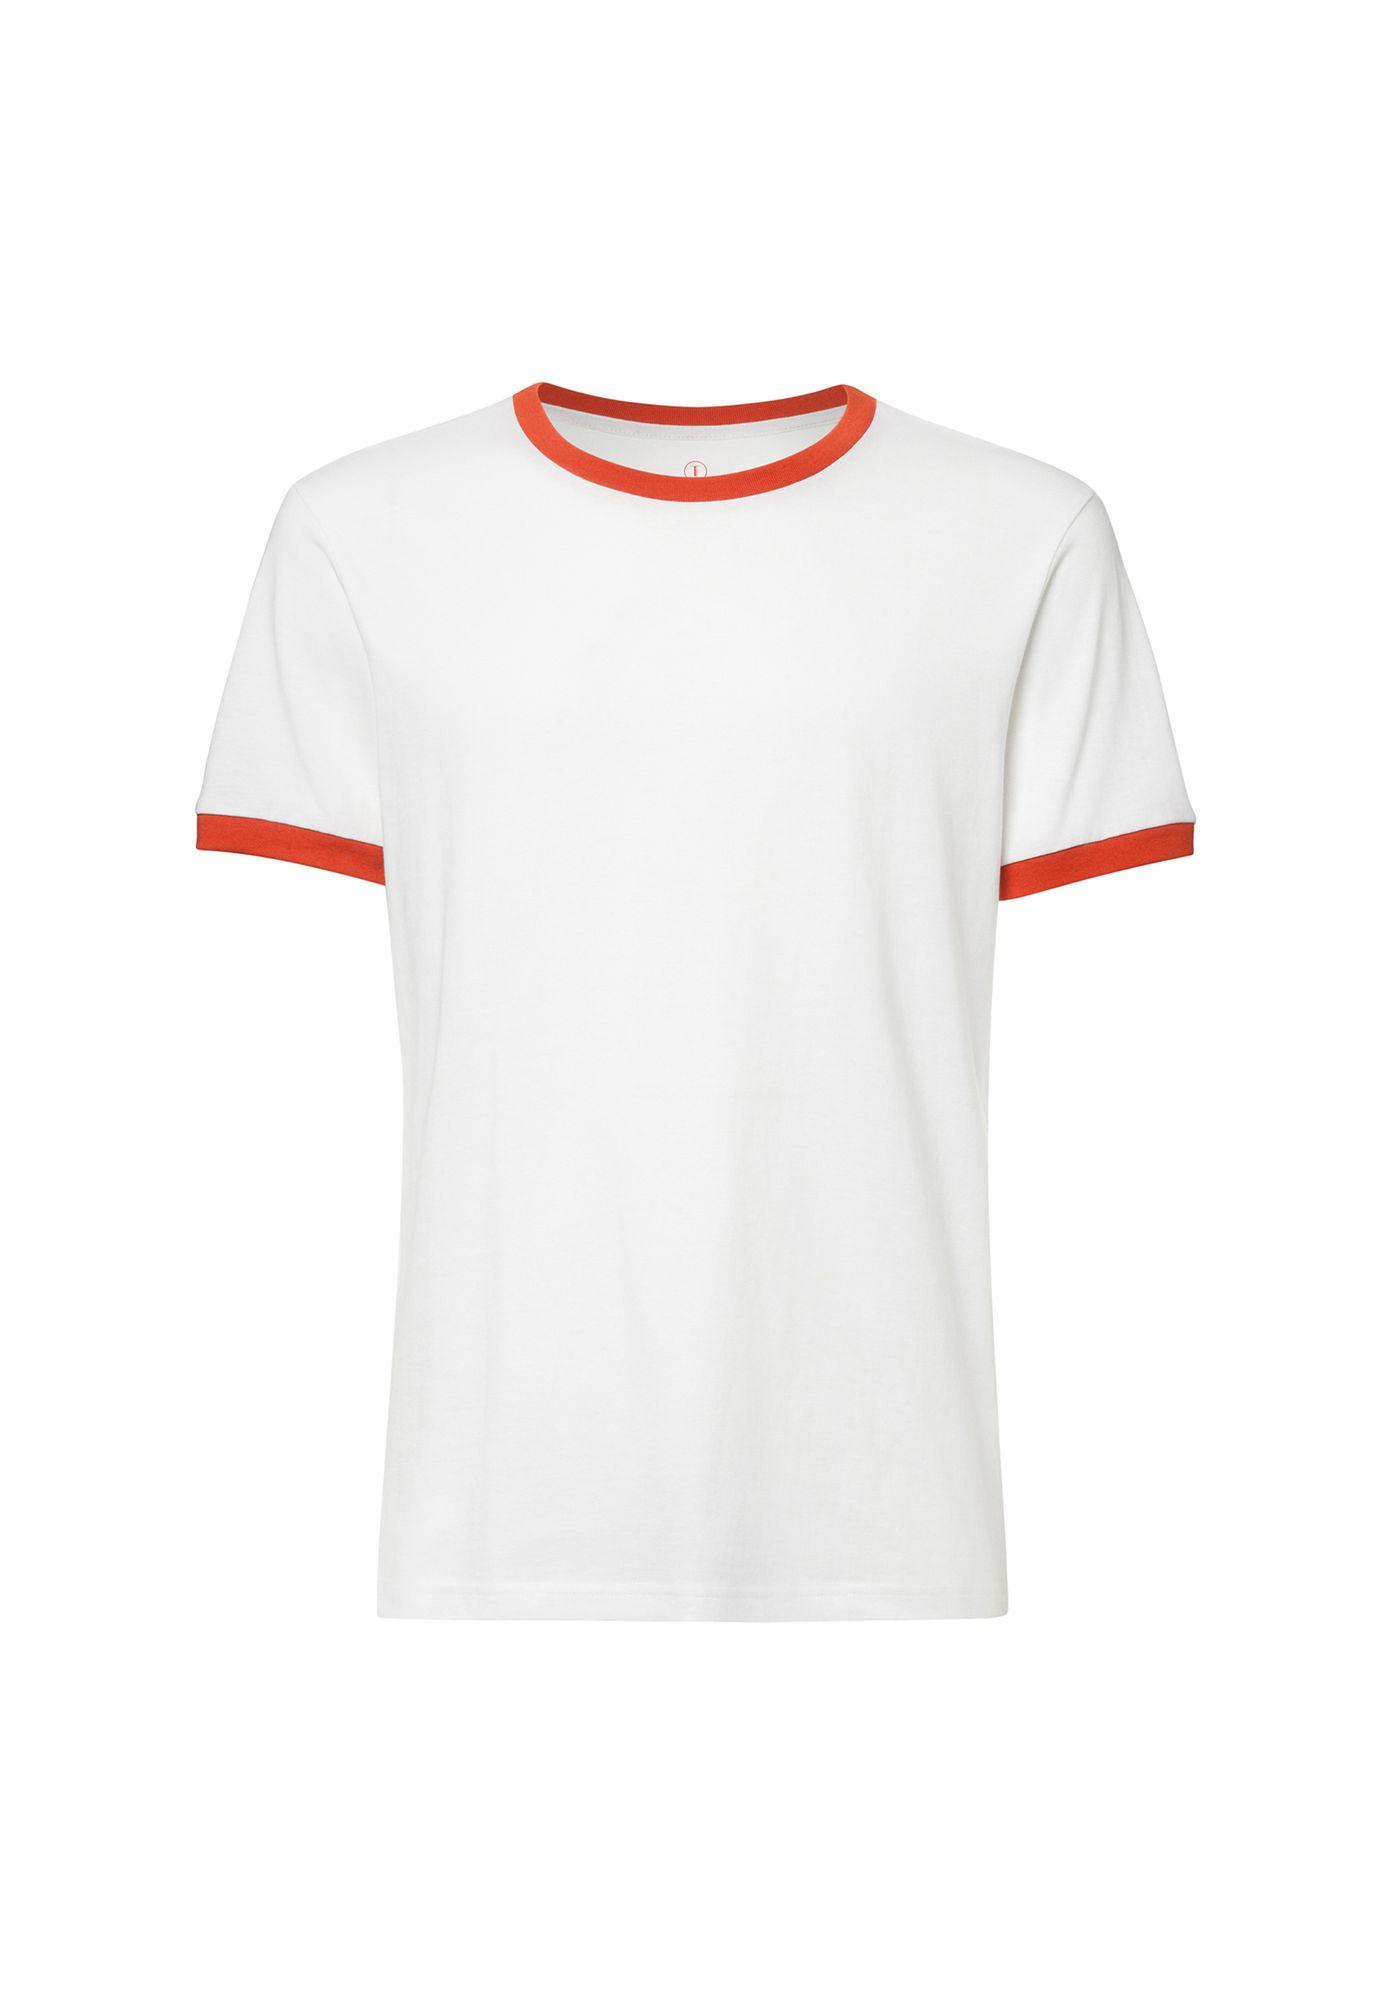 Vintage T. TT02 T-Shirt White